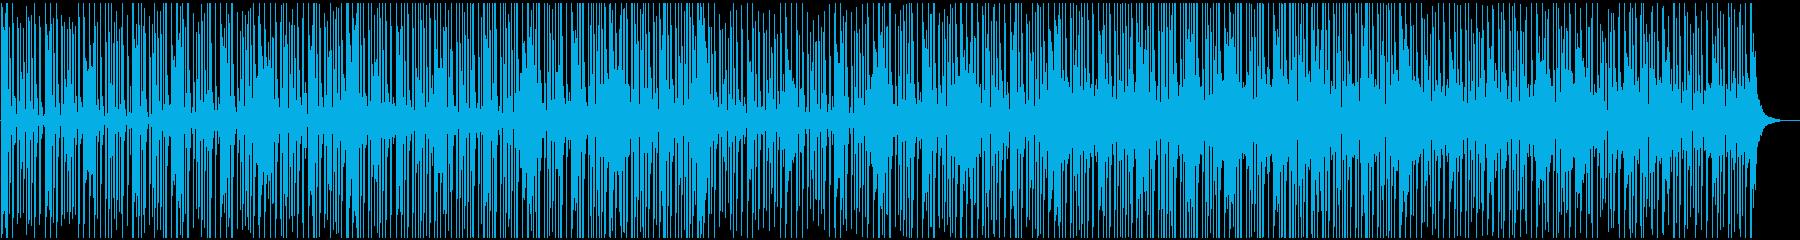 軽快カッティングギターのシンプルなBGMの再生済みの波形